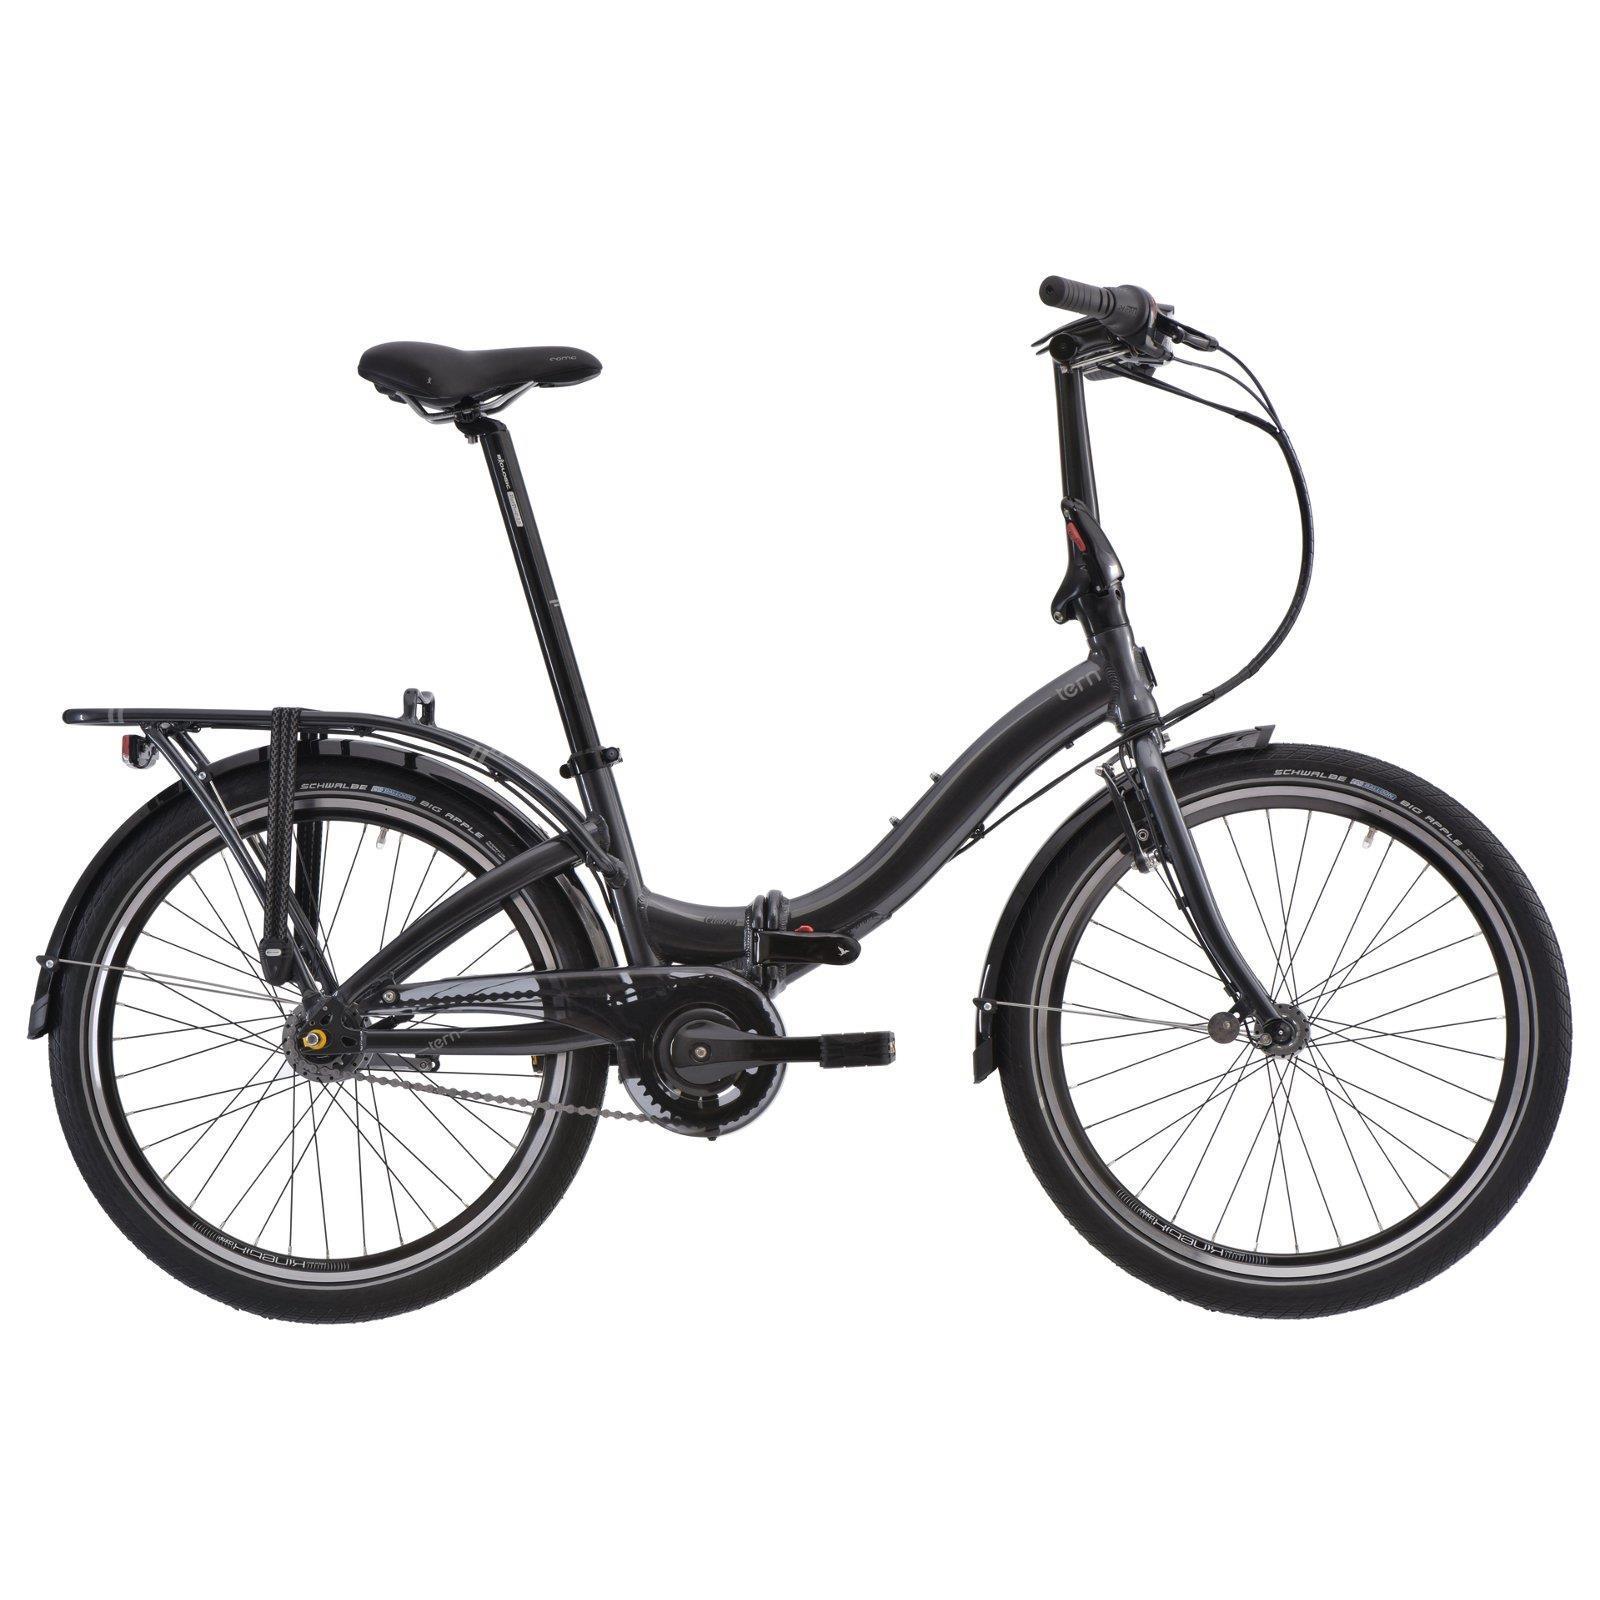 tern faltrad castro p7i 24 7 gang klapp fahrrad faltbar. Black Bedroom Furniture Sets. Home Design Ideas